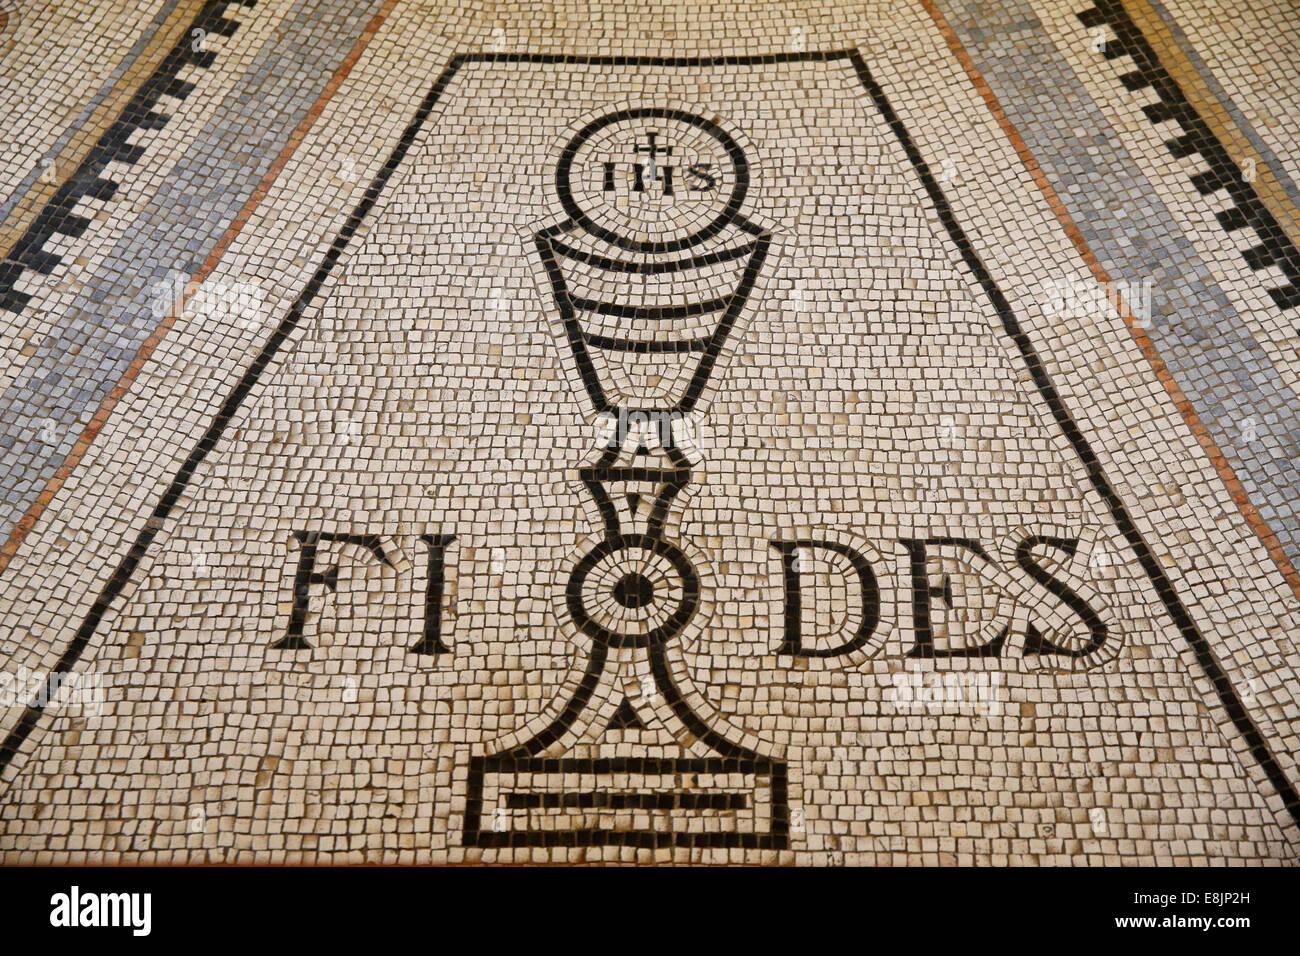 Iglesia de las Bienaventuranzas. La fe. Imagen De Stock